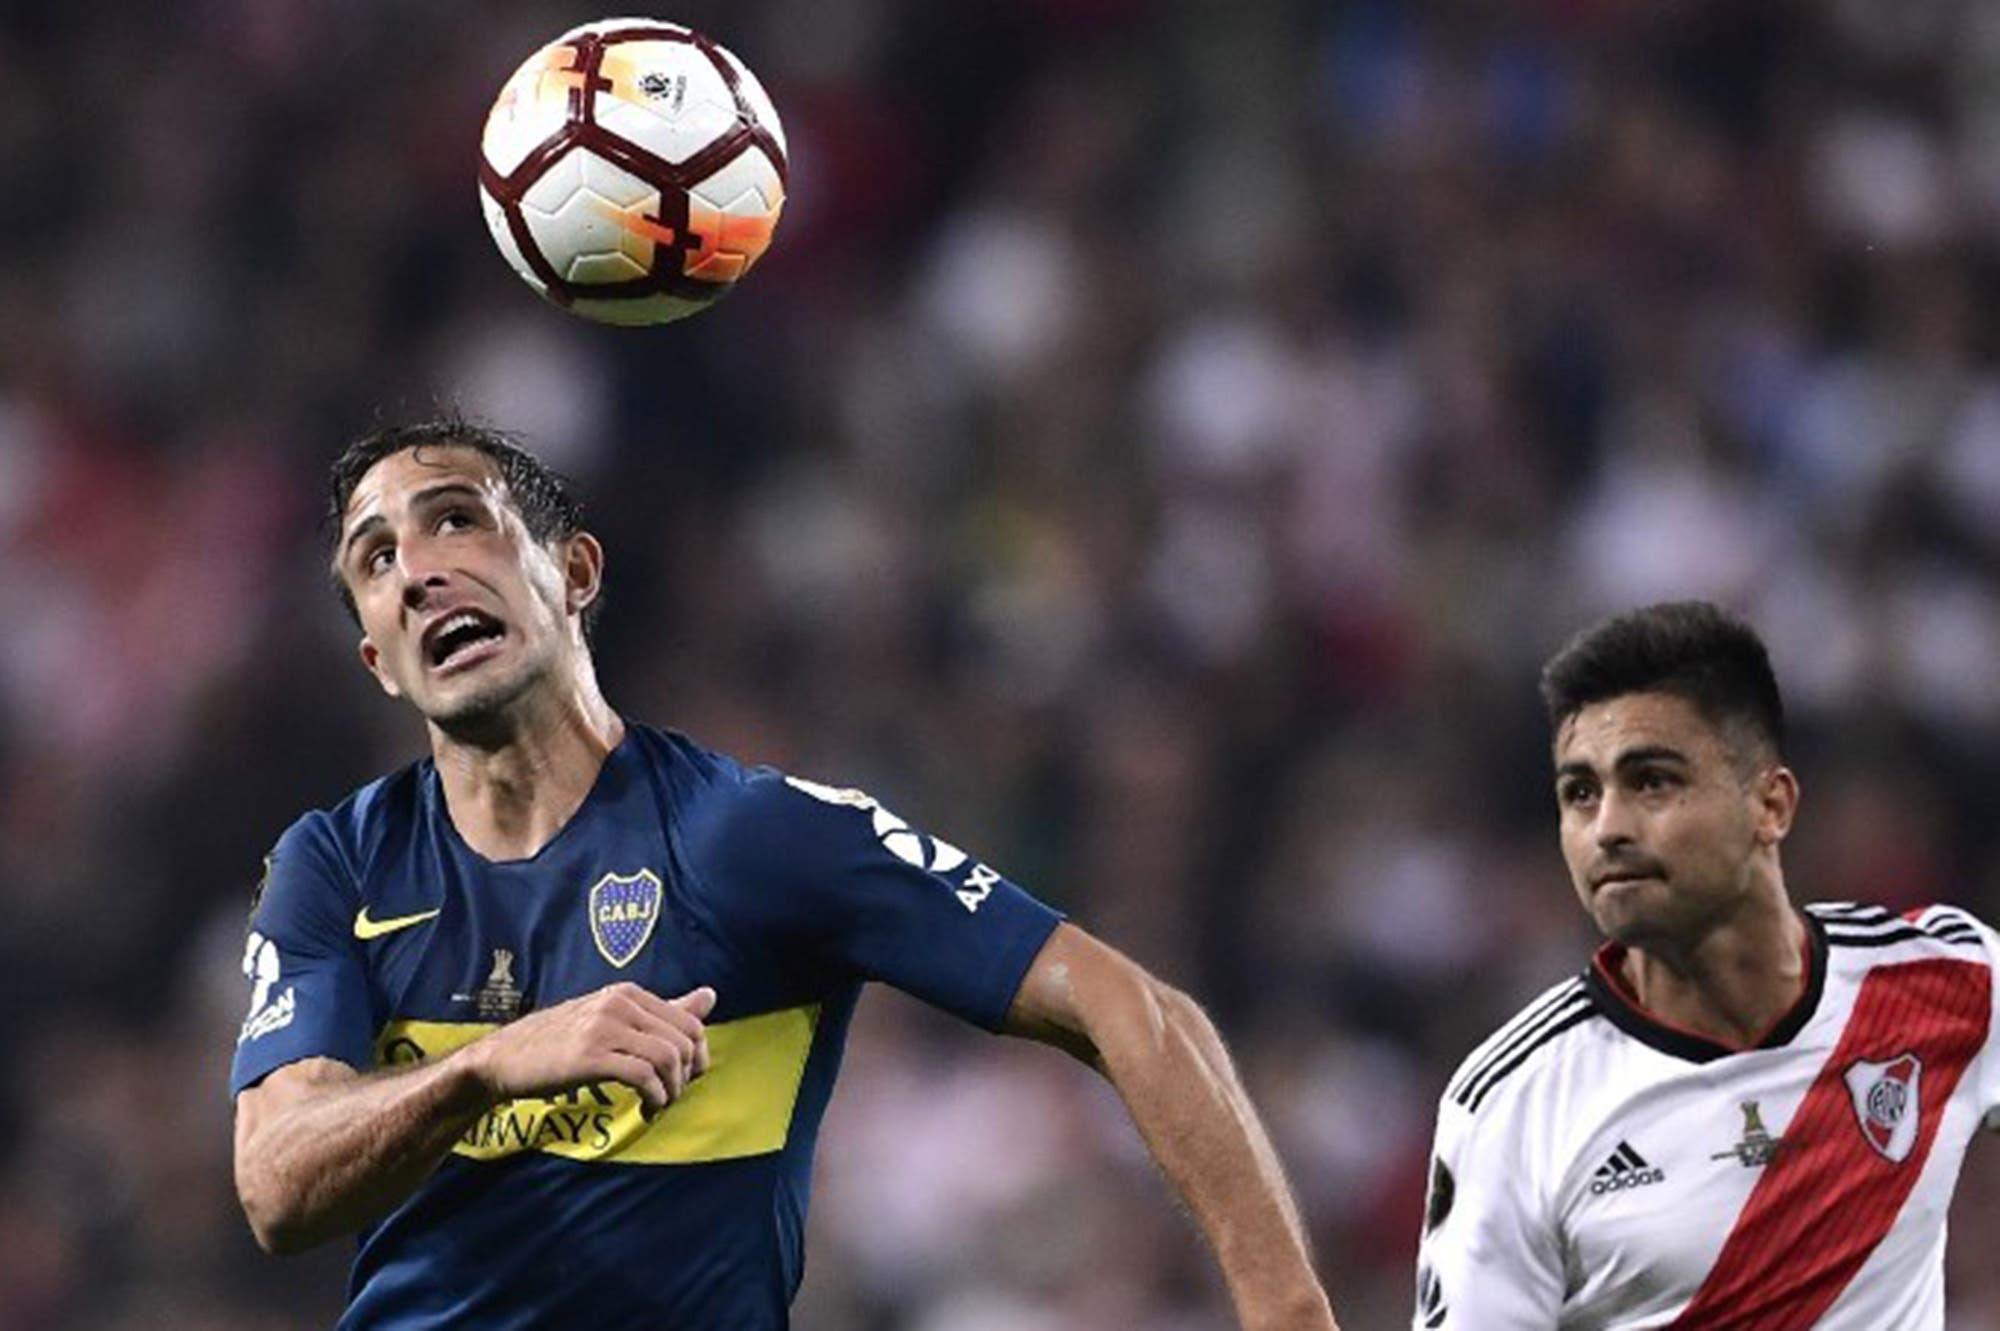 Defensa y Justicia – Lanús: del River – Boca del Bernabéu al infinito, las finales entre equipos de un mismo país en la última década